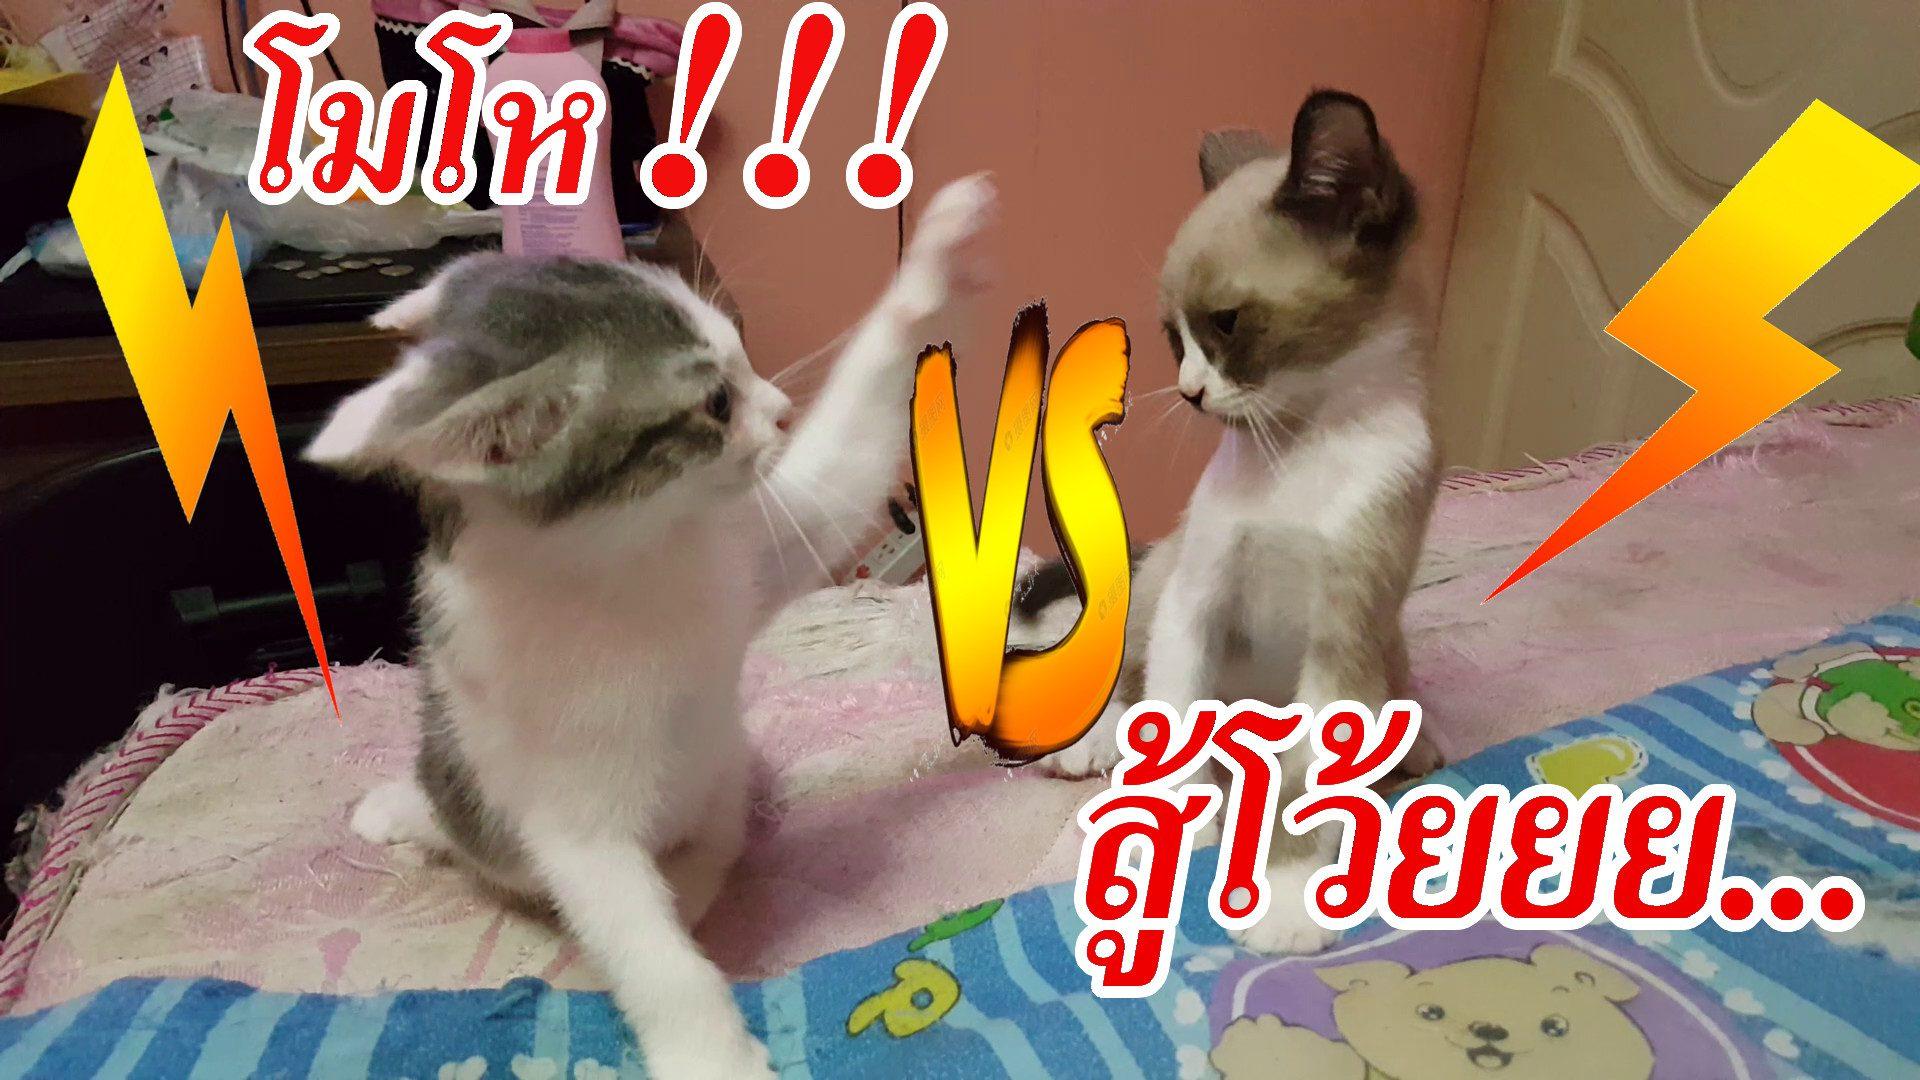 เกิดเหตุทะเลาะวิวาท !!! แมวต่อยมวย ขาวมณีผสมเปอร์เซีย | Namsomvlog